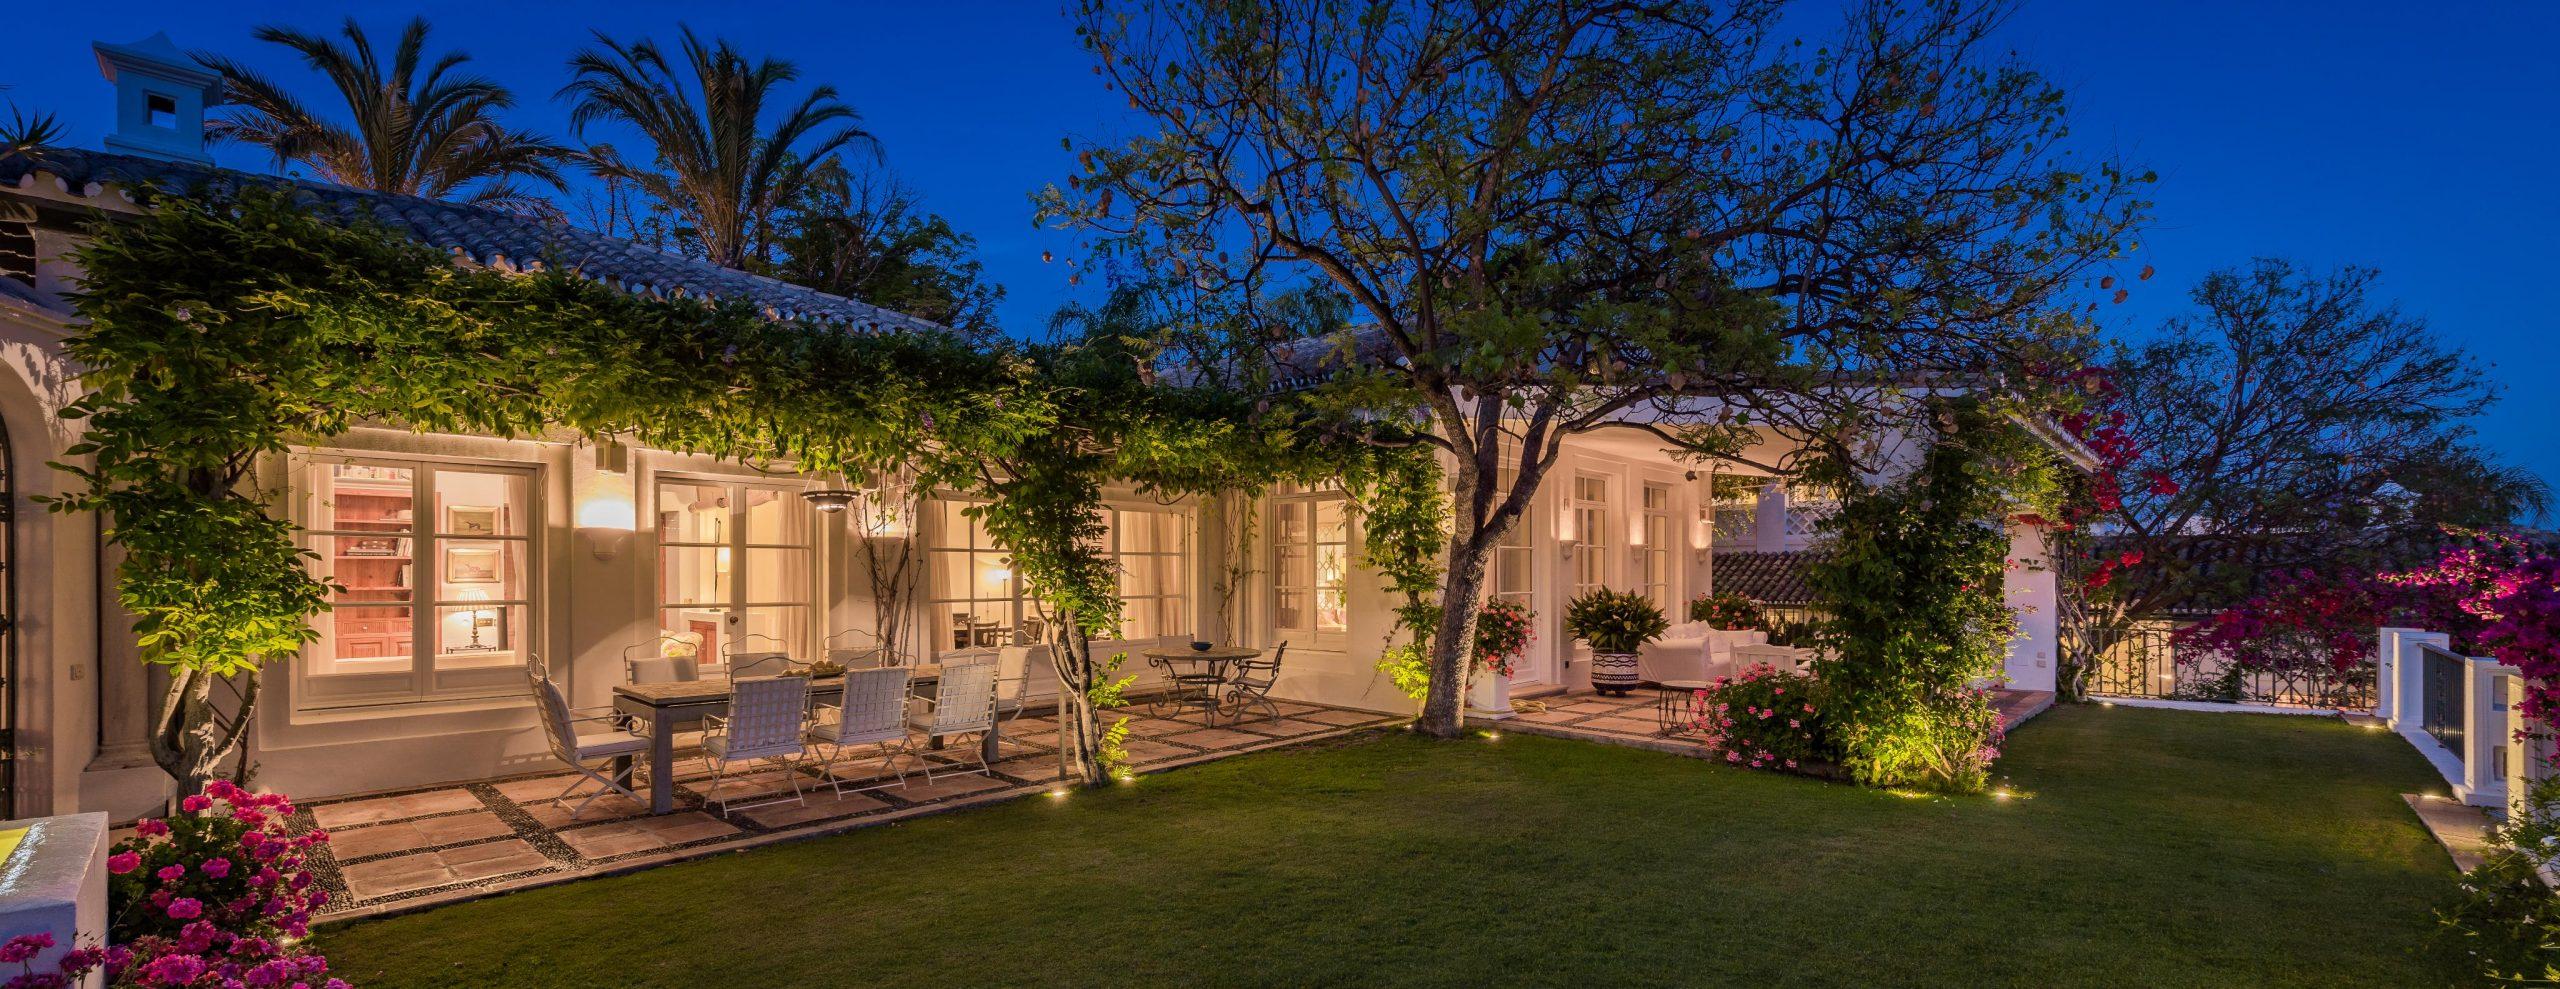 The delicate comeback of the Marbella Real Estate market